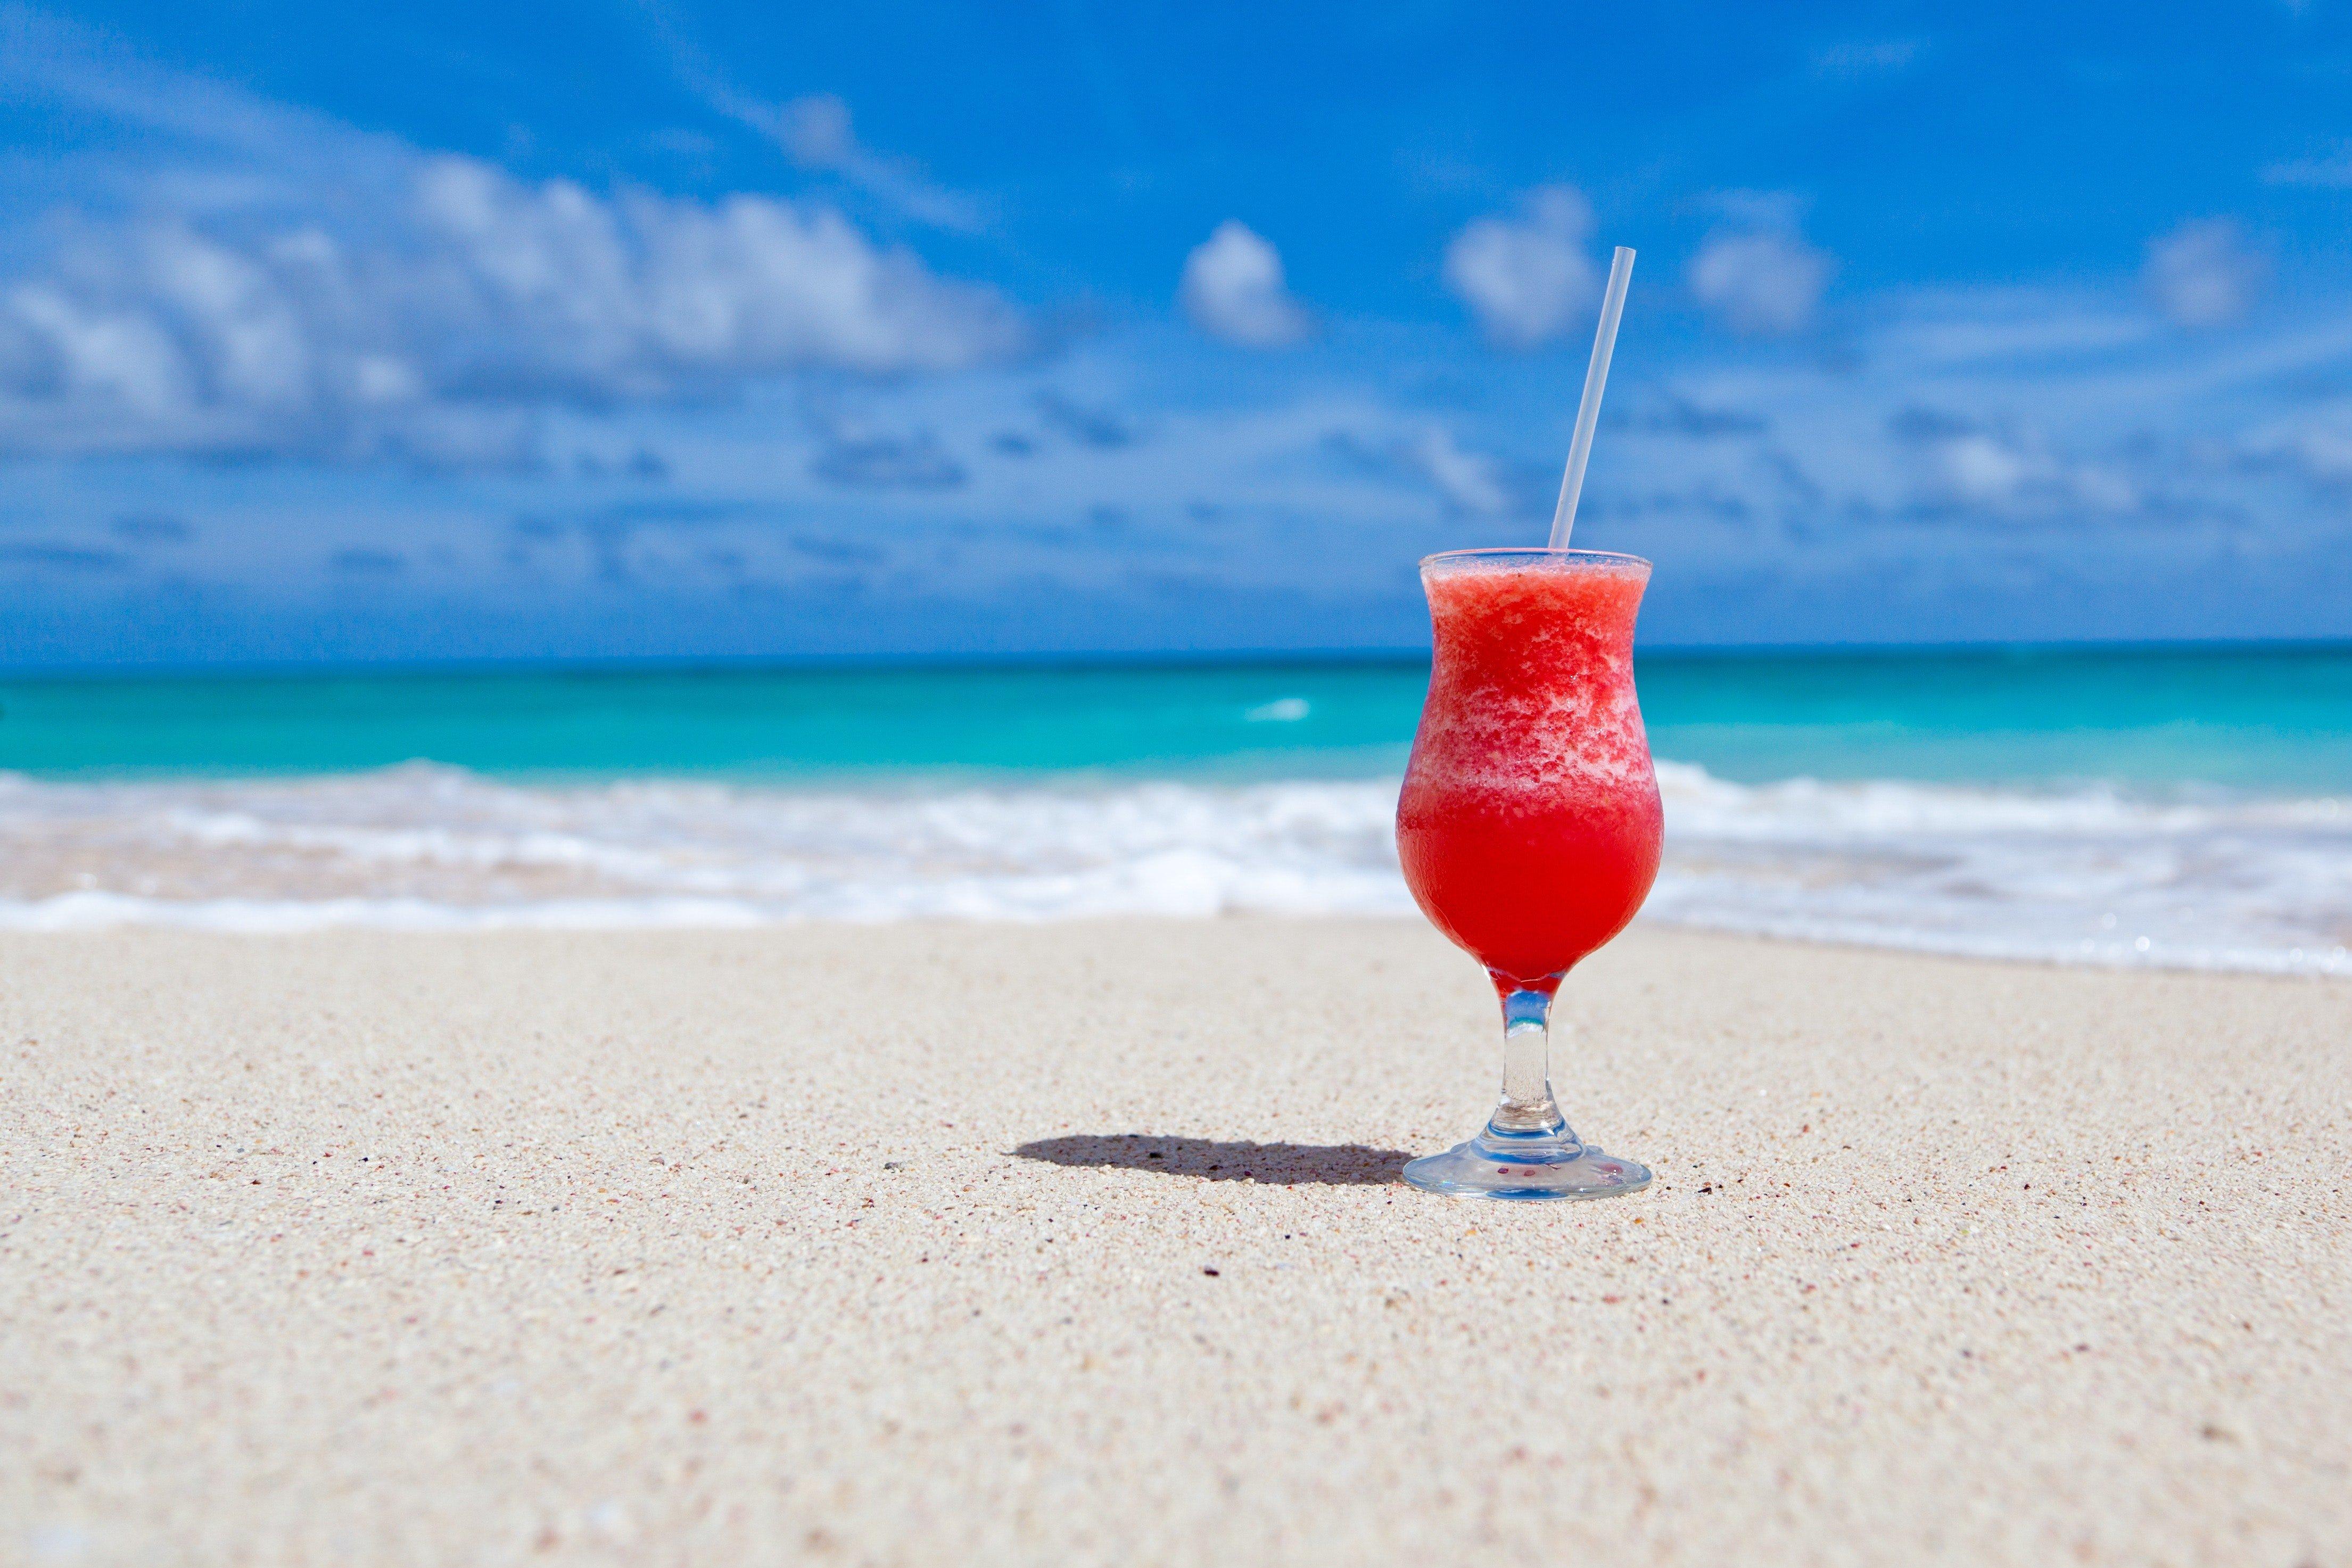 A beach, like in Florida